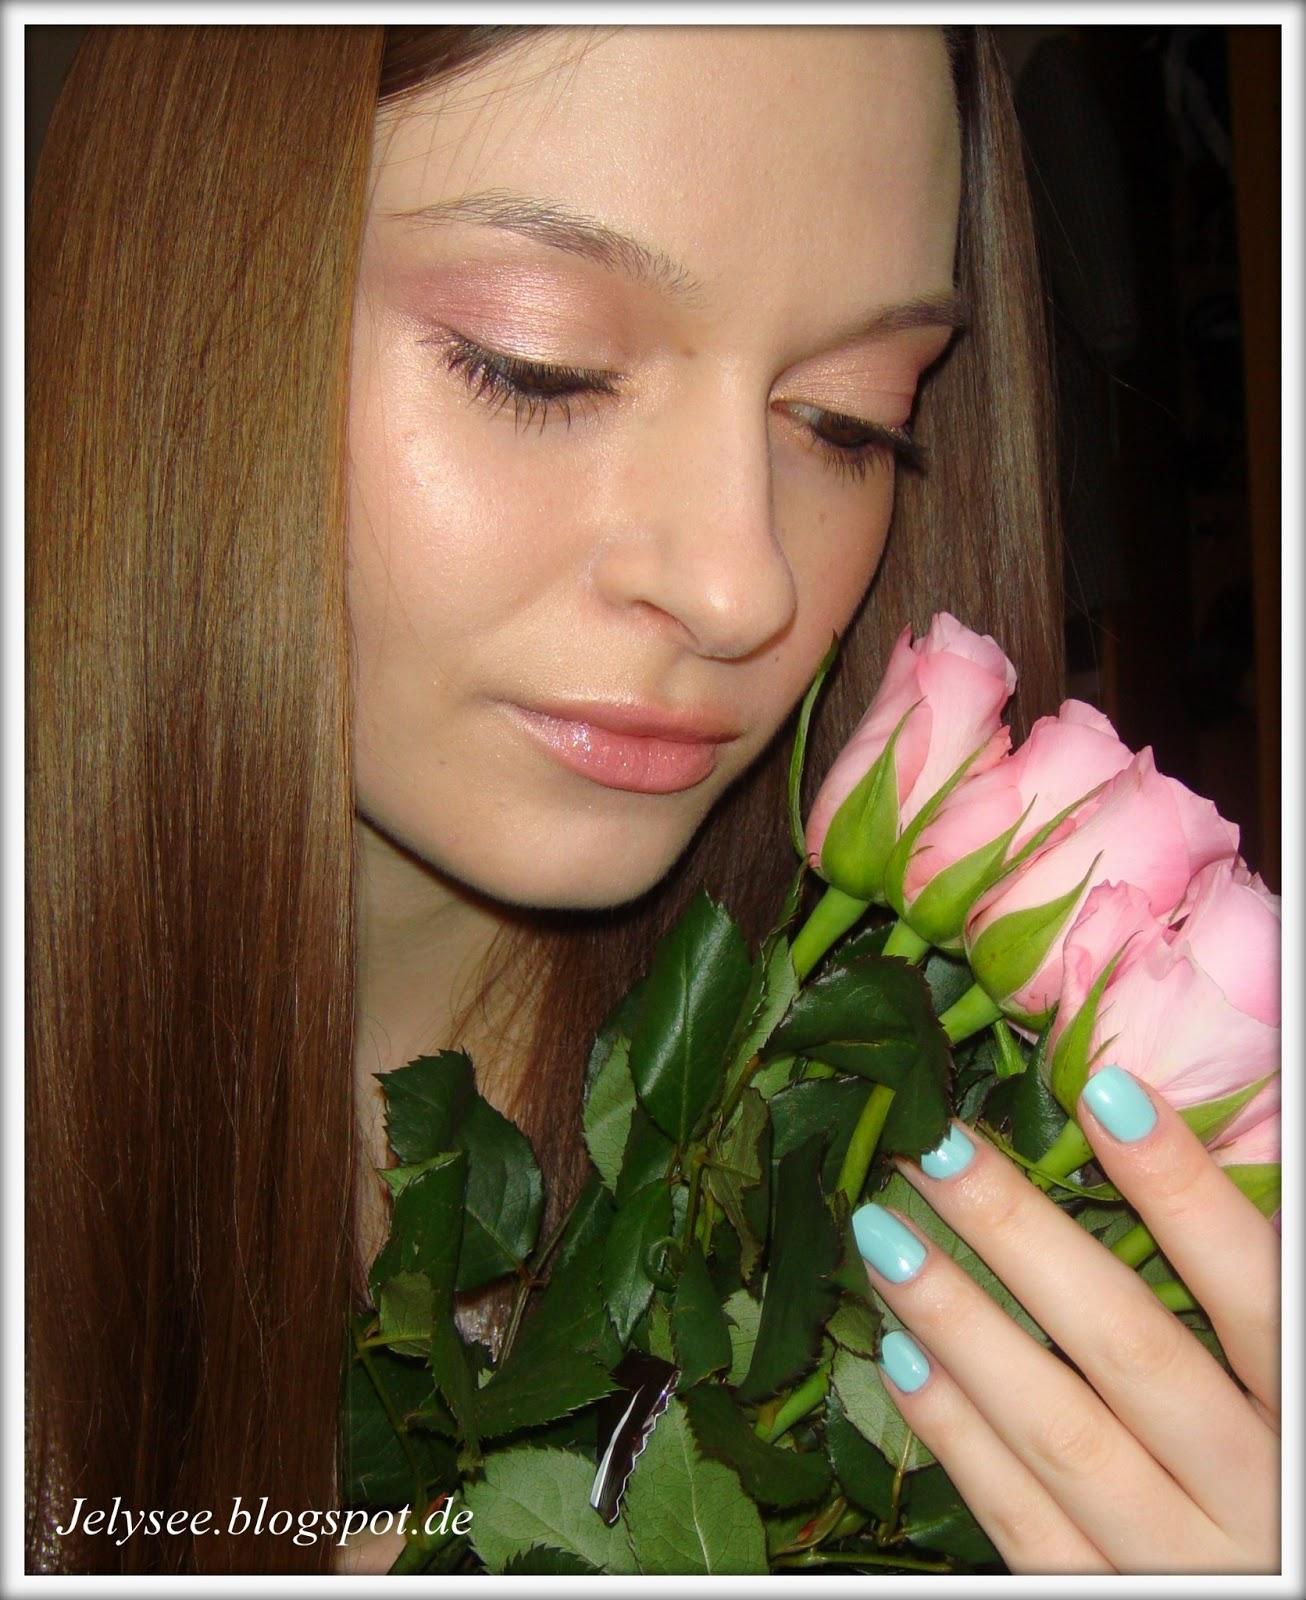 Фото персика девушки 8 фотография